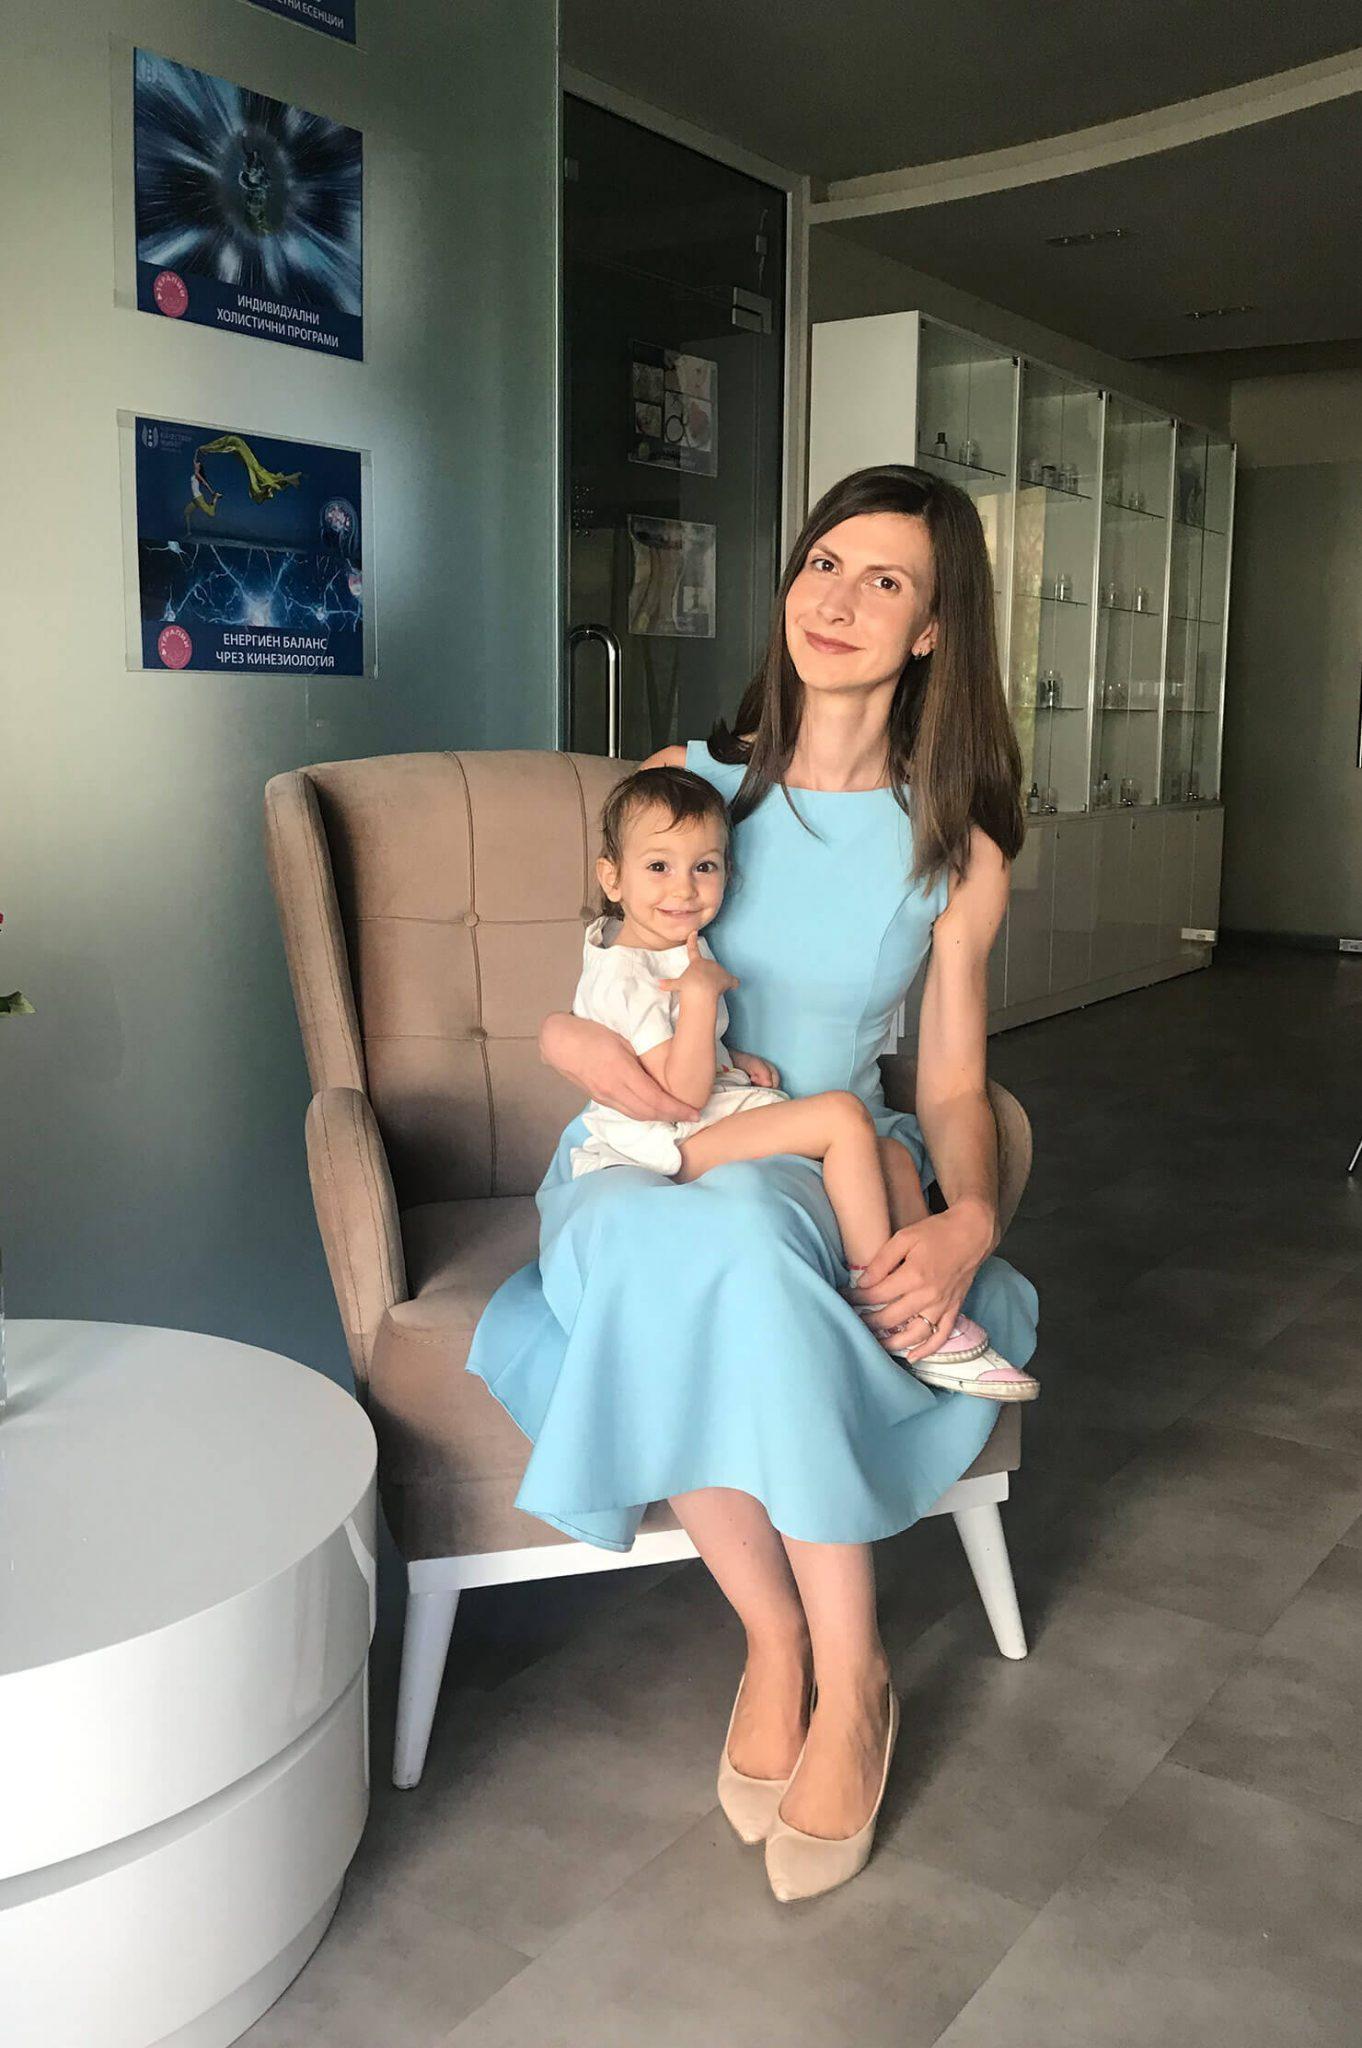 Деница Андонова: Това може да е най-неприятното или най-щастливото ни време – зависи от нашия фокус